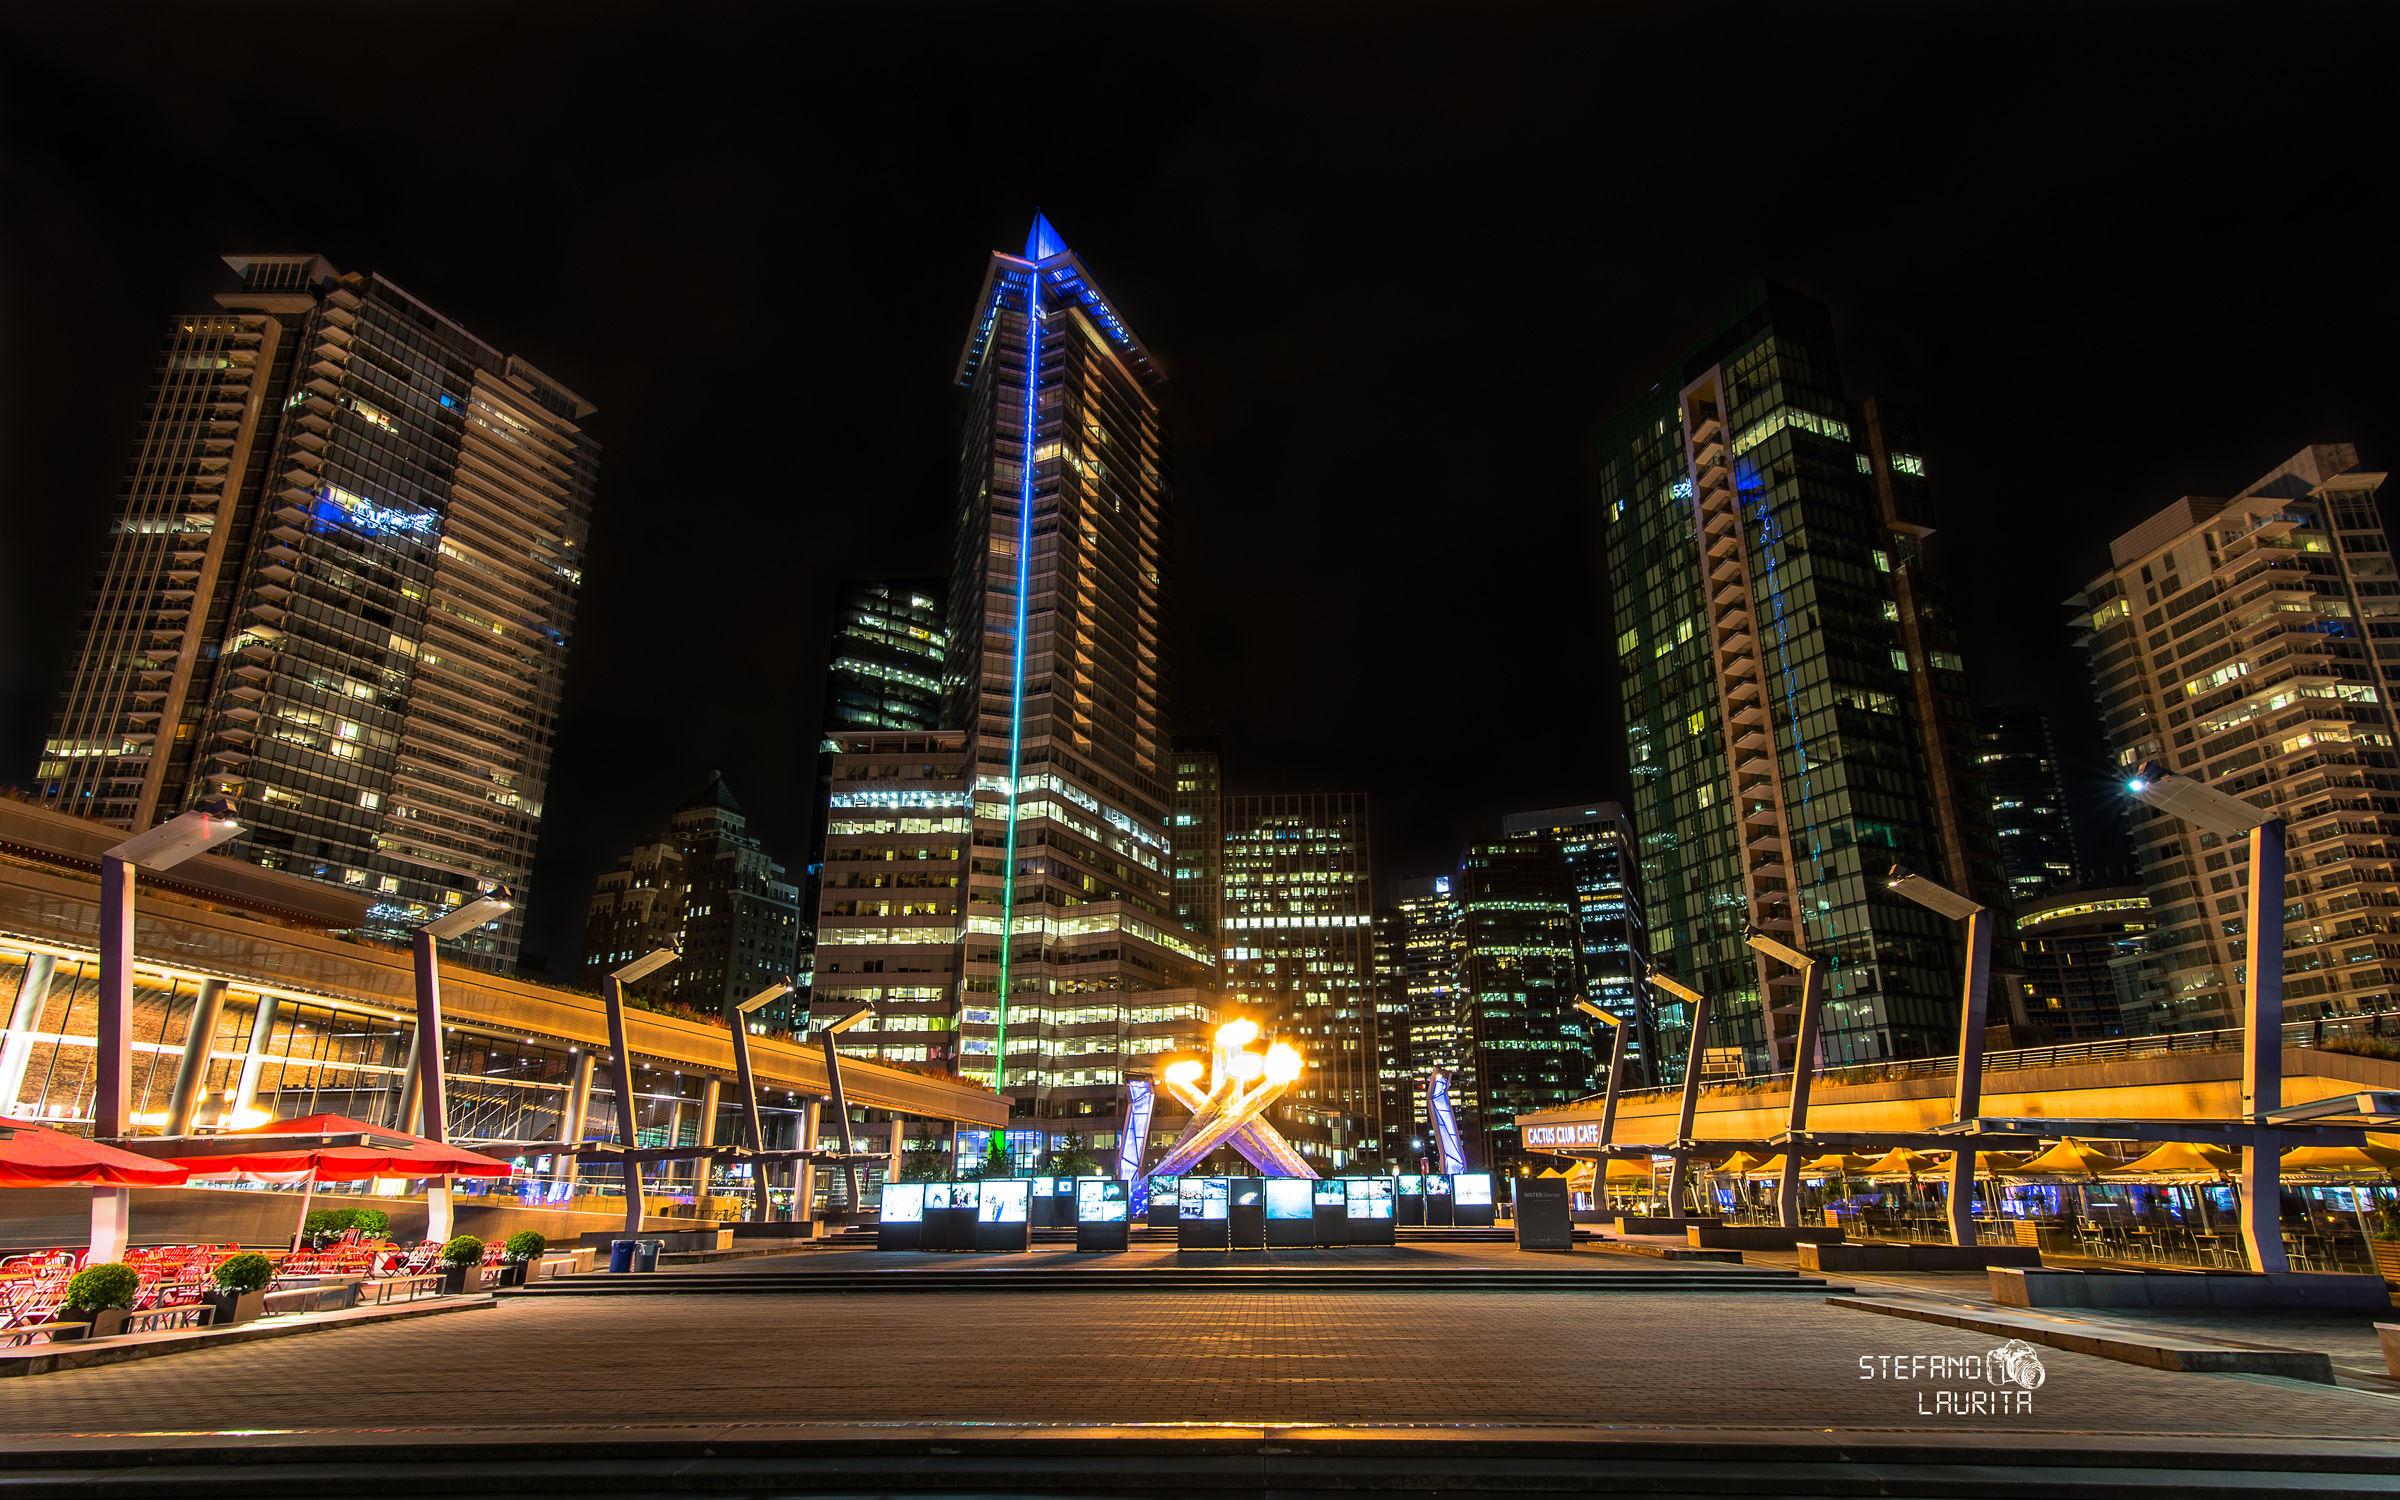 City of blinding lights...